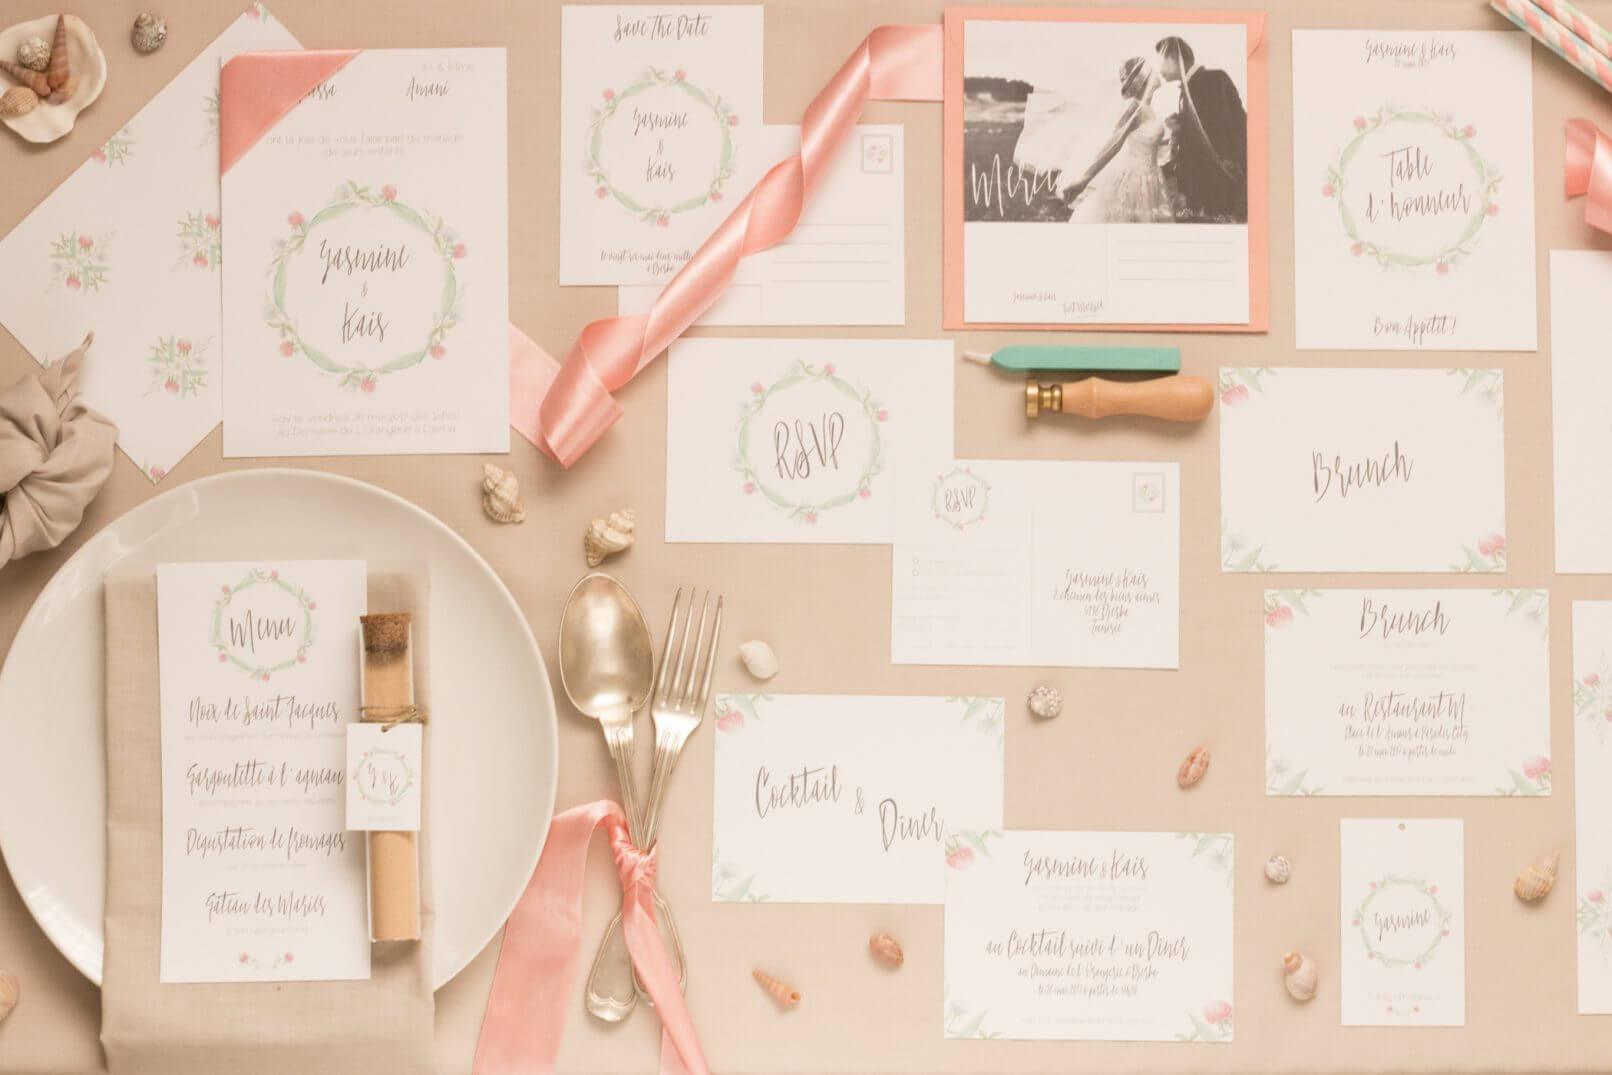 Papeterie-Mariage-Collection-bohème-pour-de-délicates-invitations-mariage_Make-My-Wed_collection-faire-part-mariage_christophe_boury_www.photographe-33.fr_faire-part_de_mariage